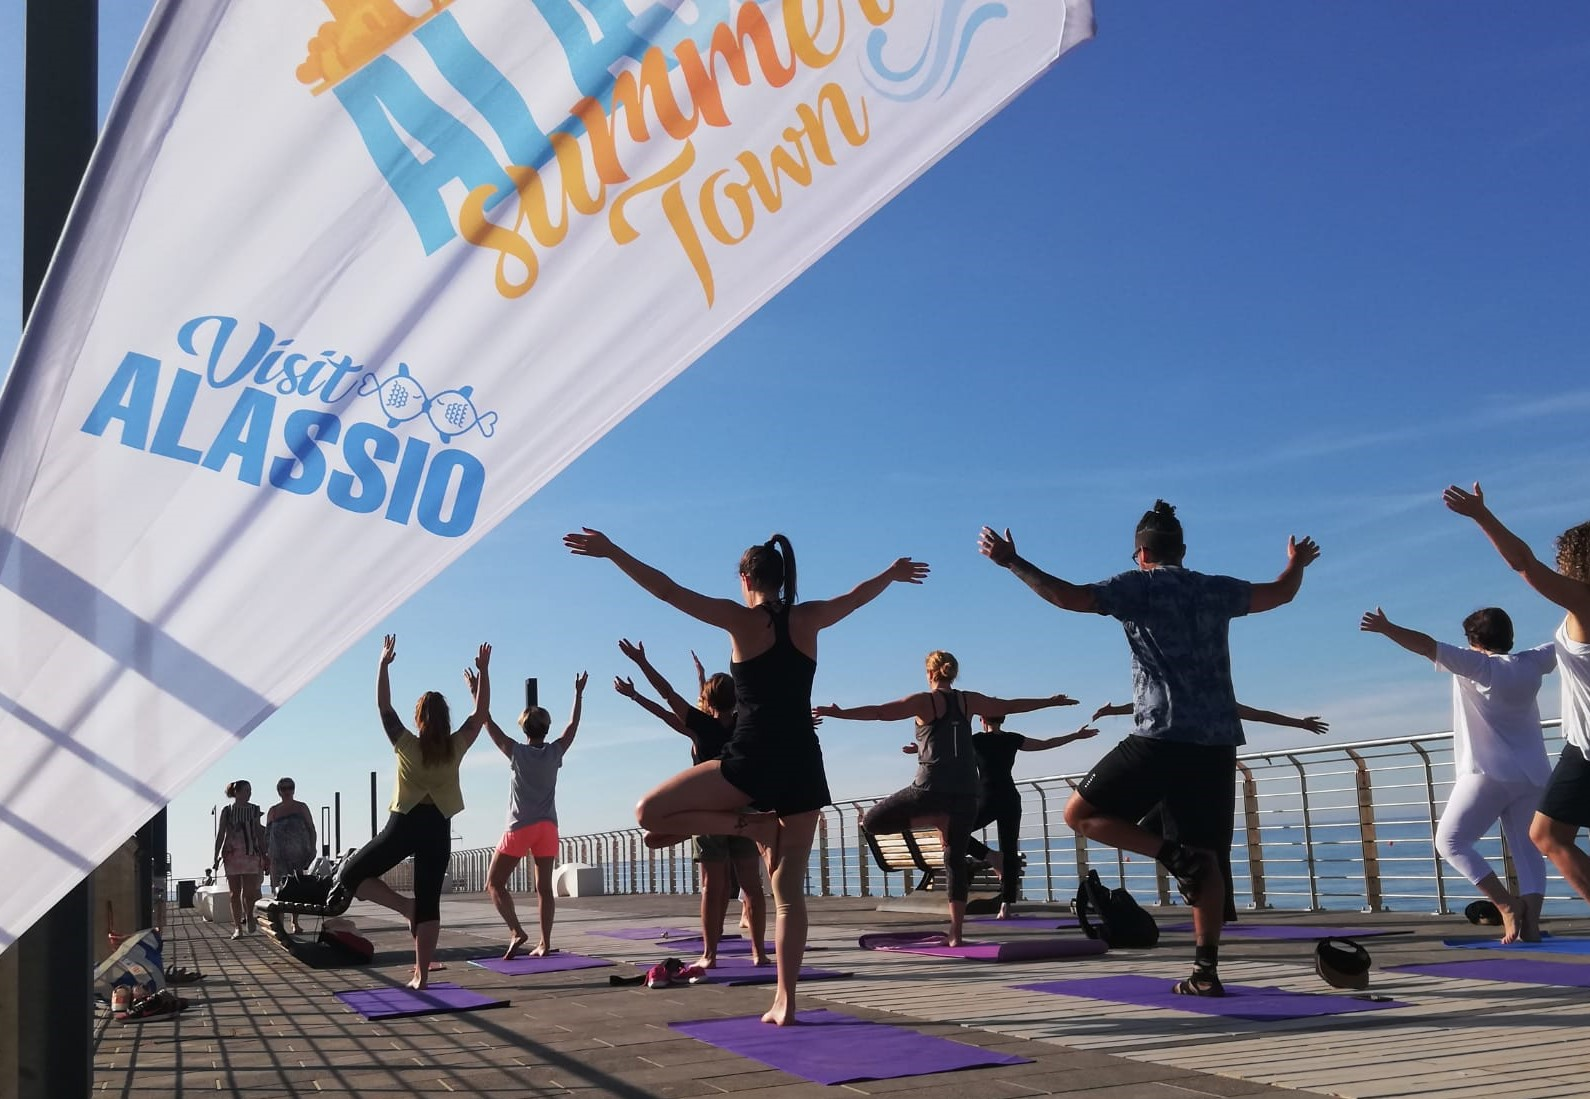 essere-free-yoga-gratuito-benessere-per-tutti-village-citta-alassio-estate-lucia-ragazzi-summer-town-wellness-071